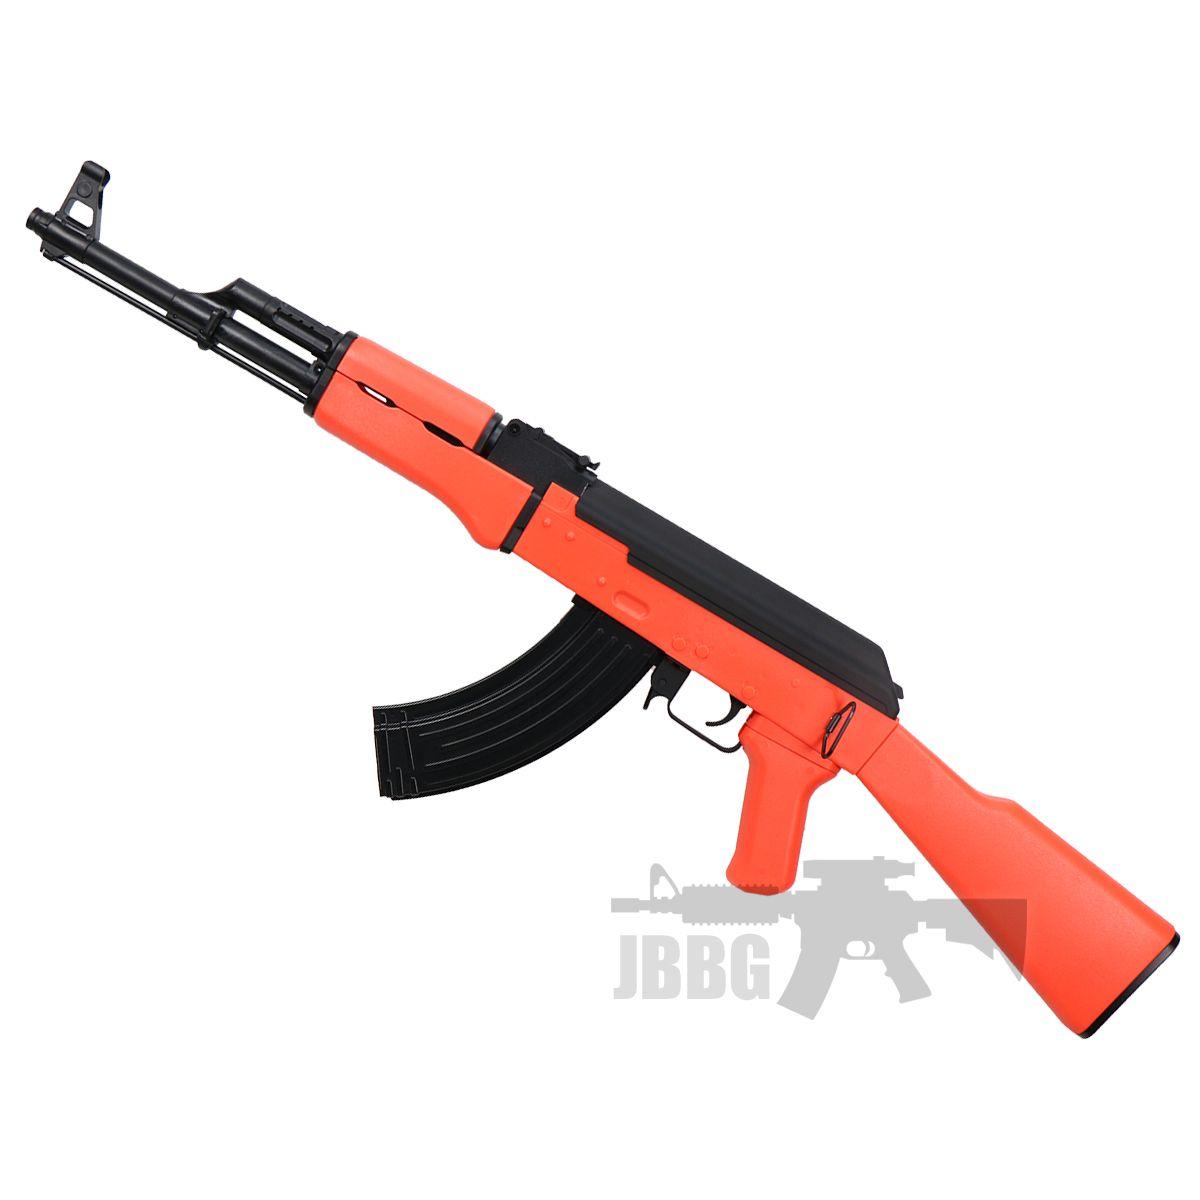 ak47 orange airsoft gun at jbbg 2